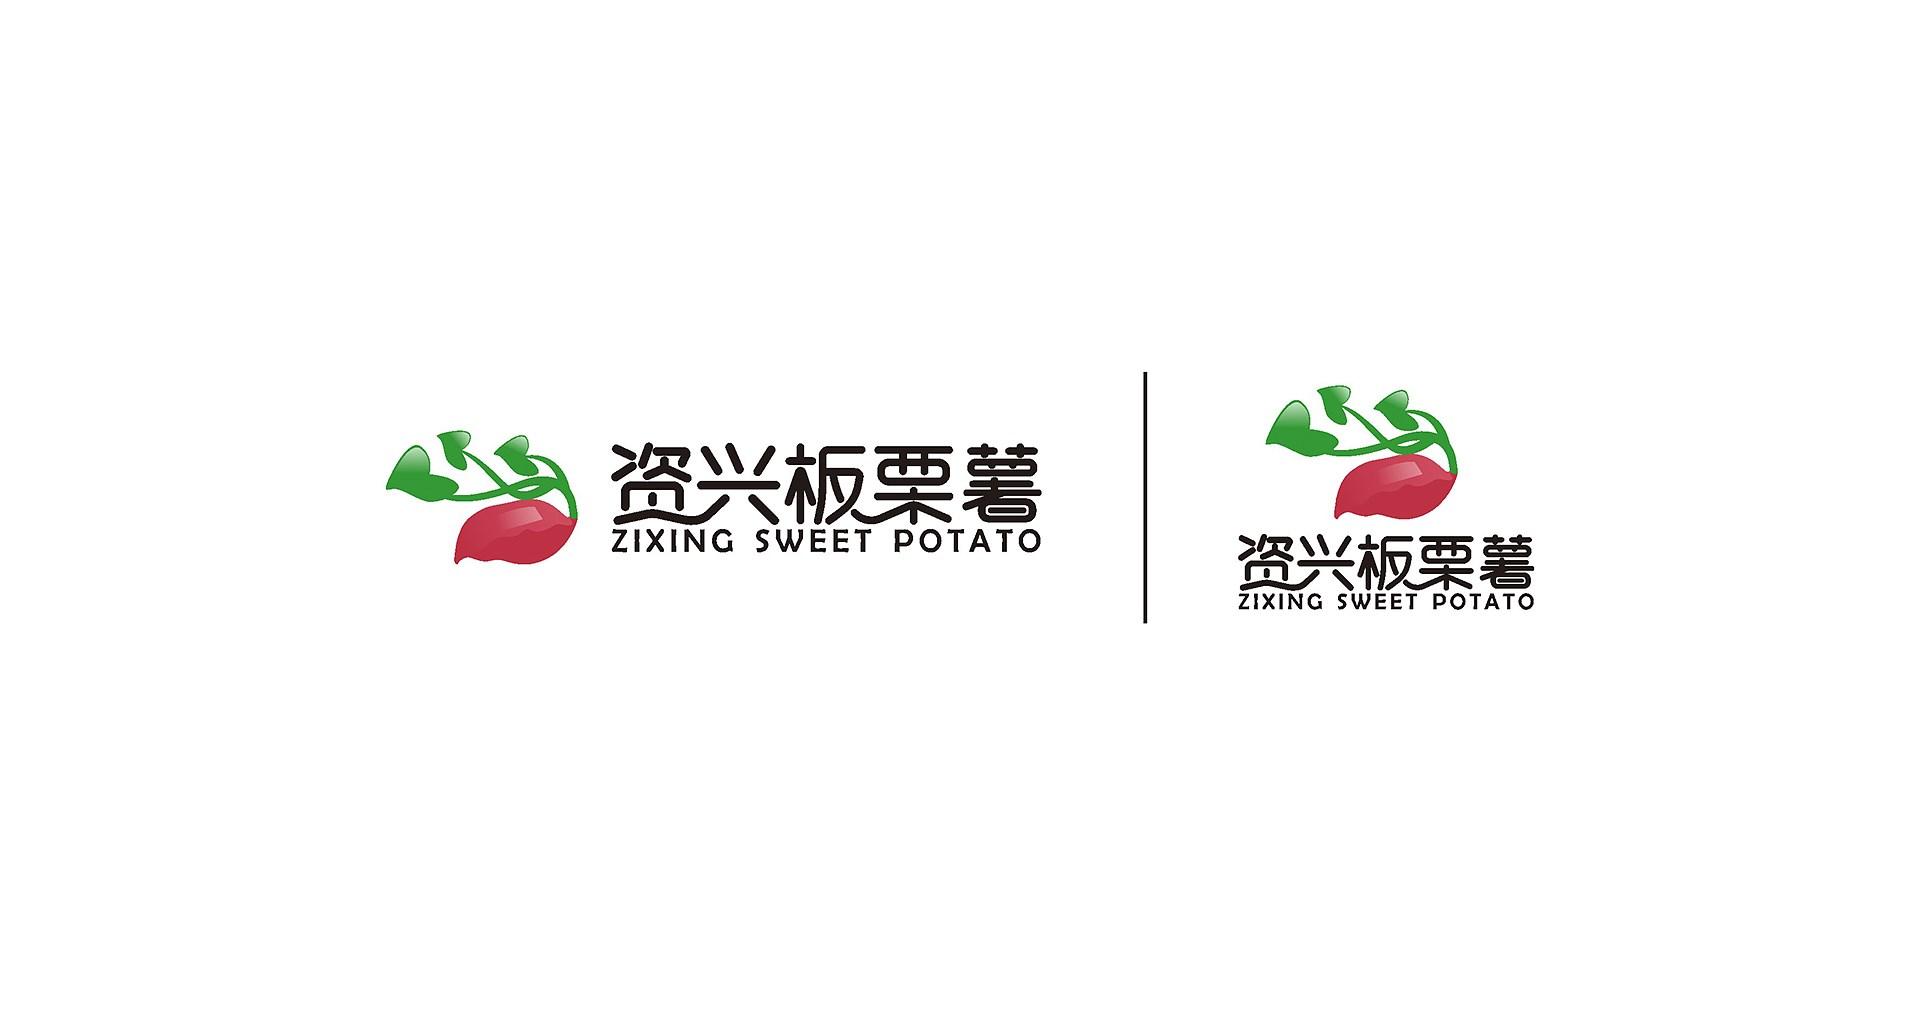 资兴板栗薯新万博竞彩app苹果下载万博manbetx手机版苹果下载_0006.JPG